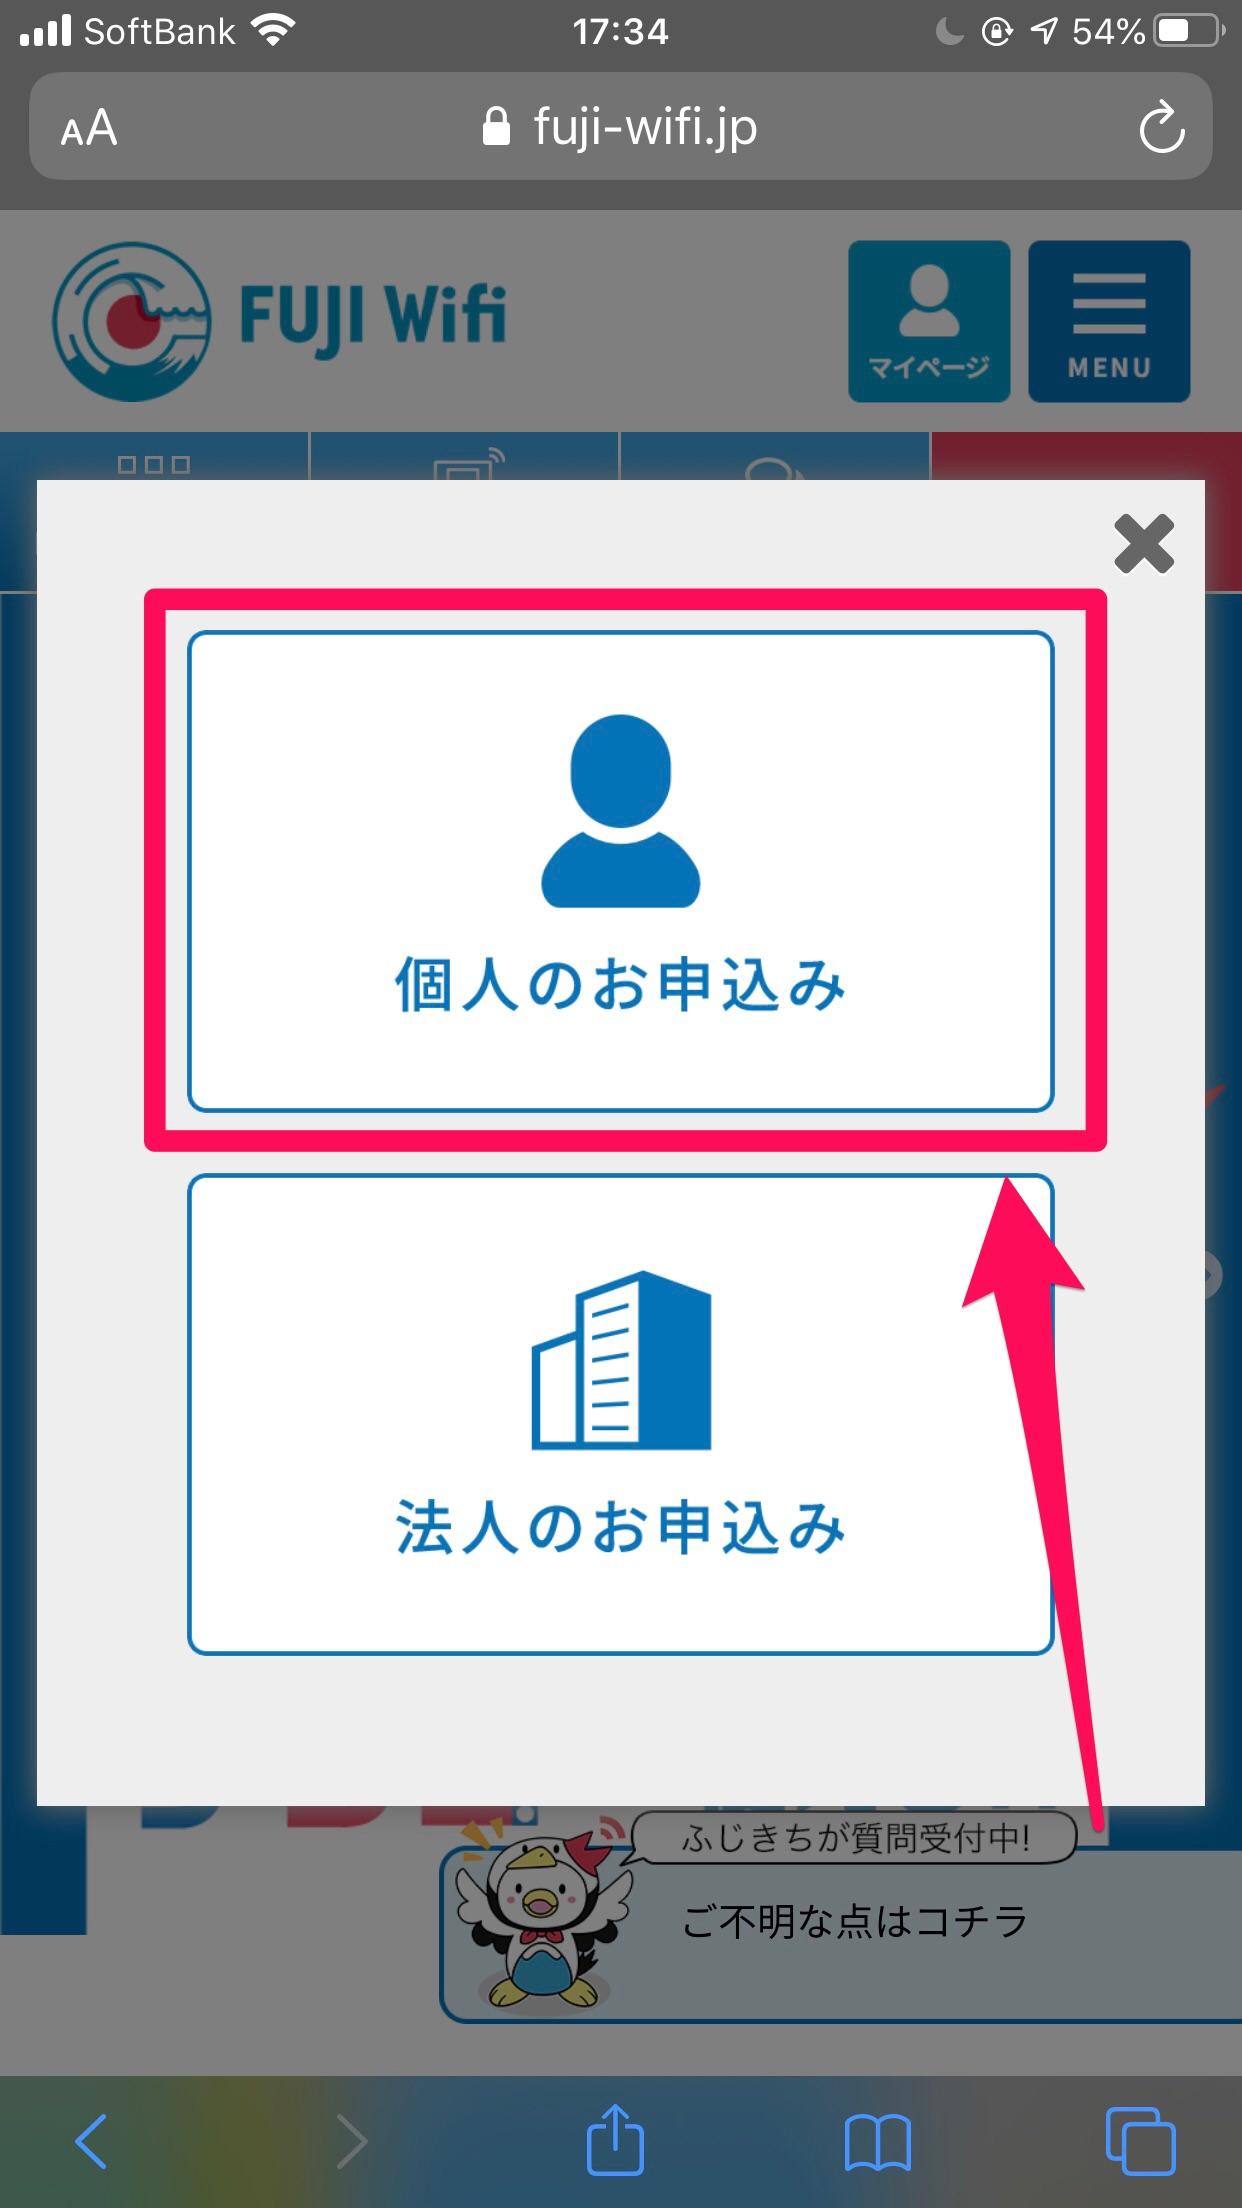 FUJI Wifi申し込み手順2